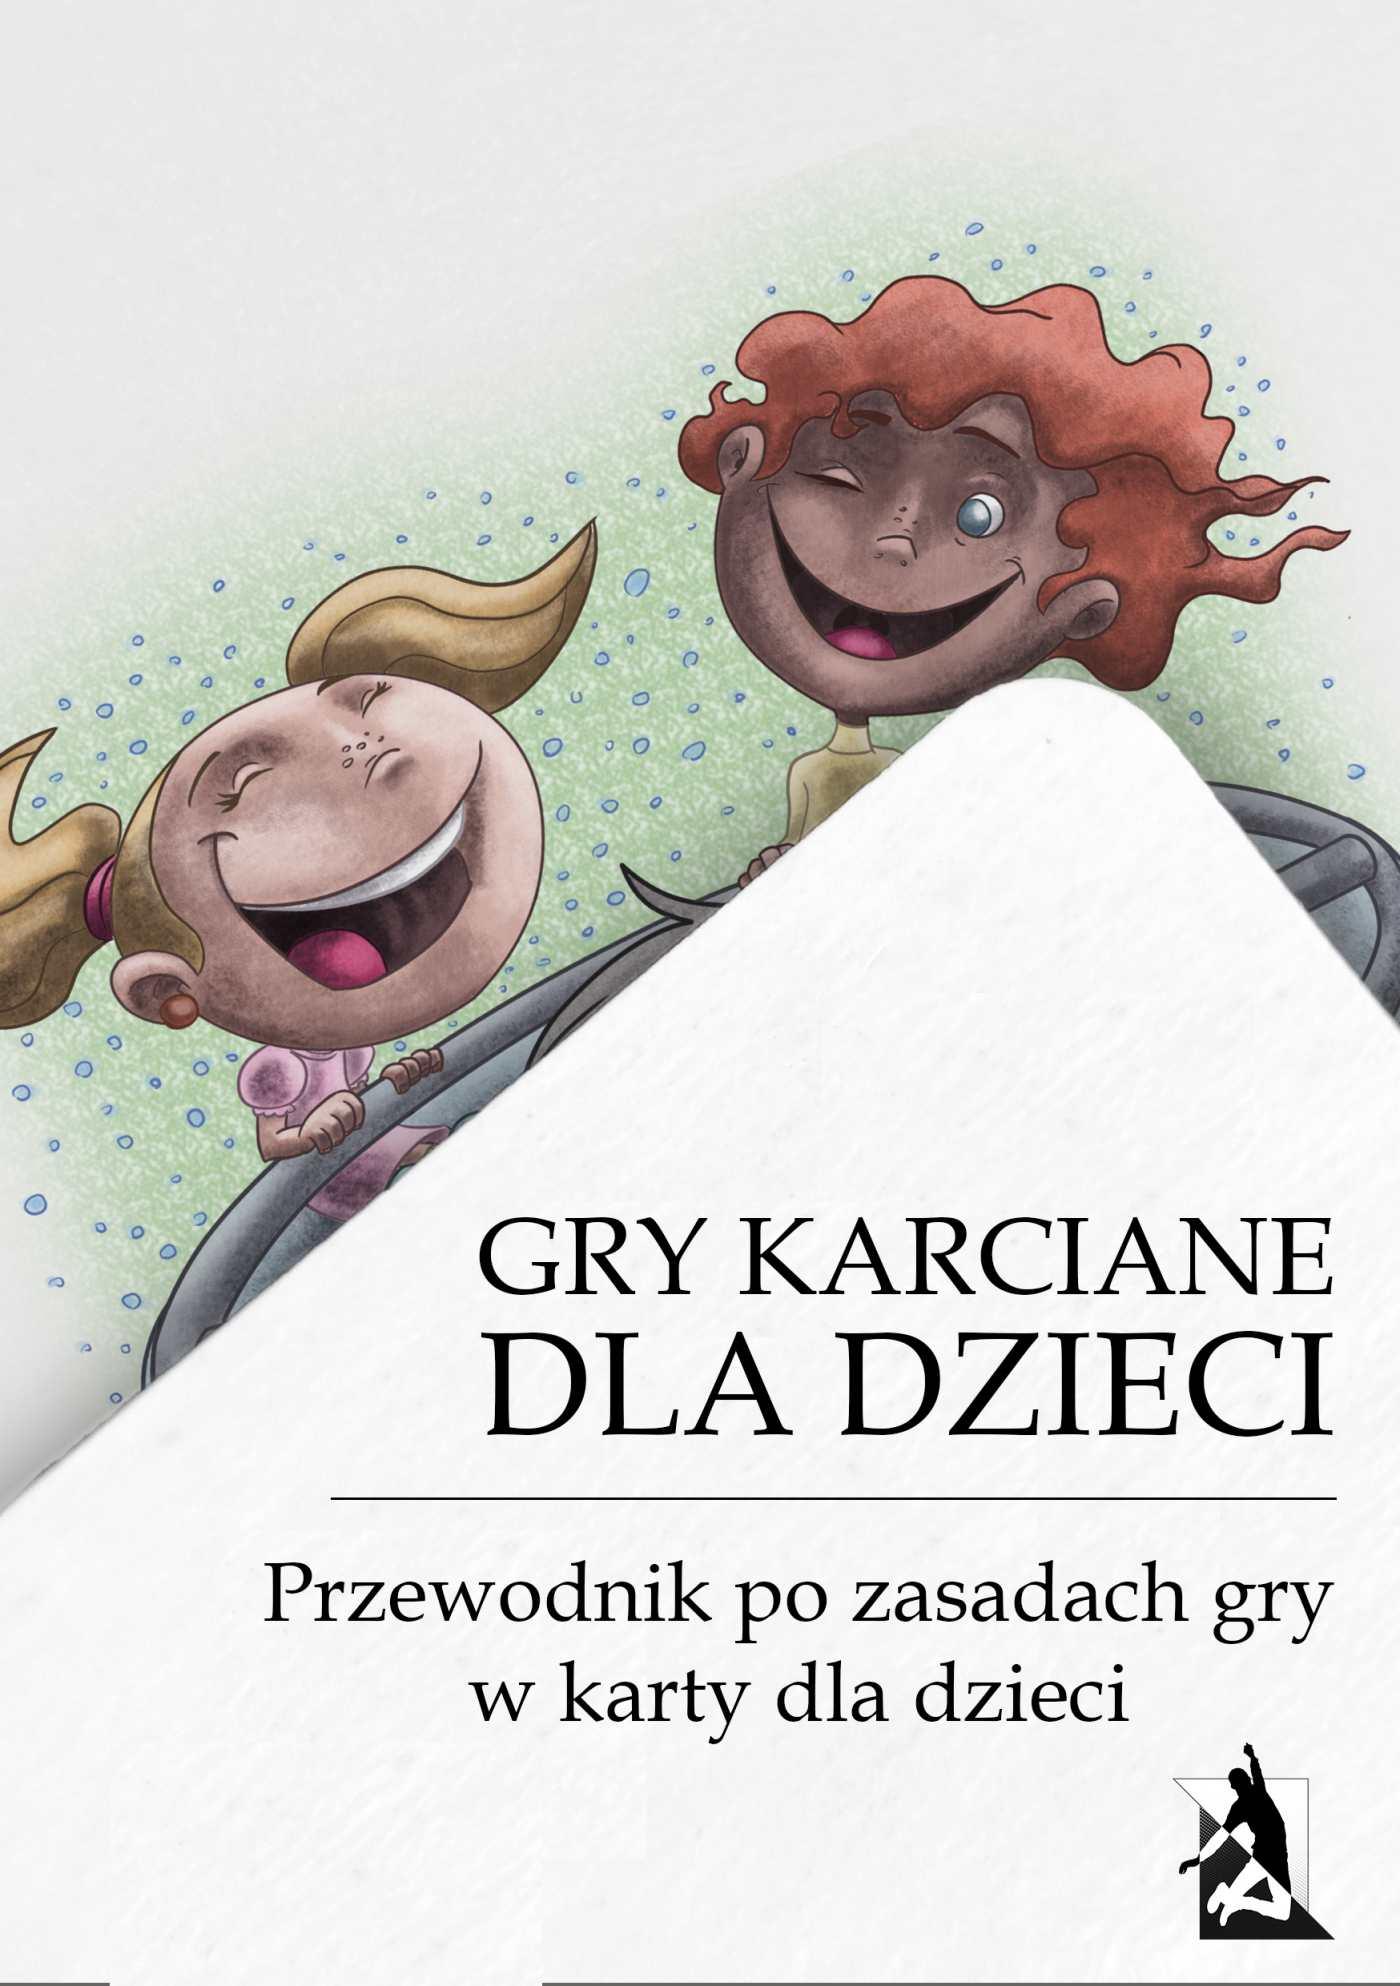 Gry karciane dla dzieci. Przewodnik po grach karcianych dla dzieci - Ebook (Książka na Kindle) do pobrania w formacie MOBI